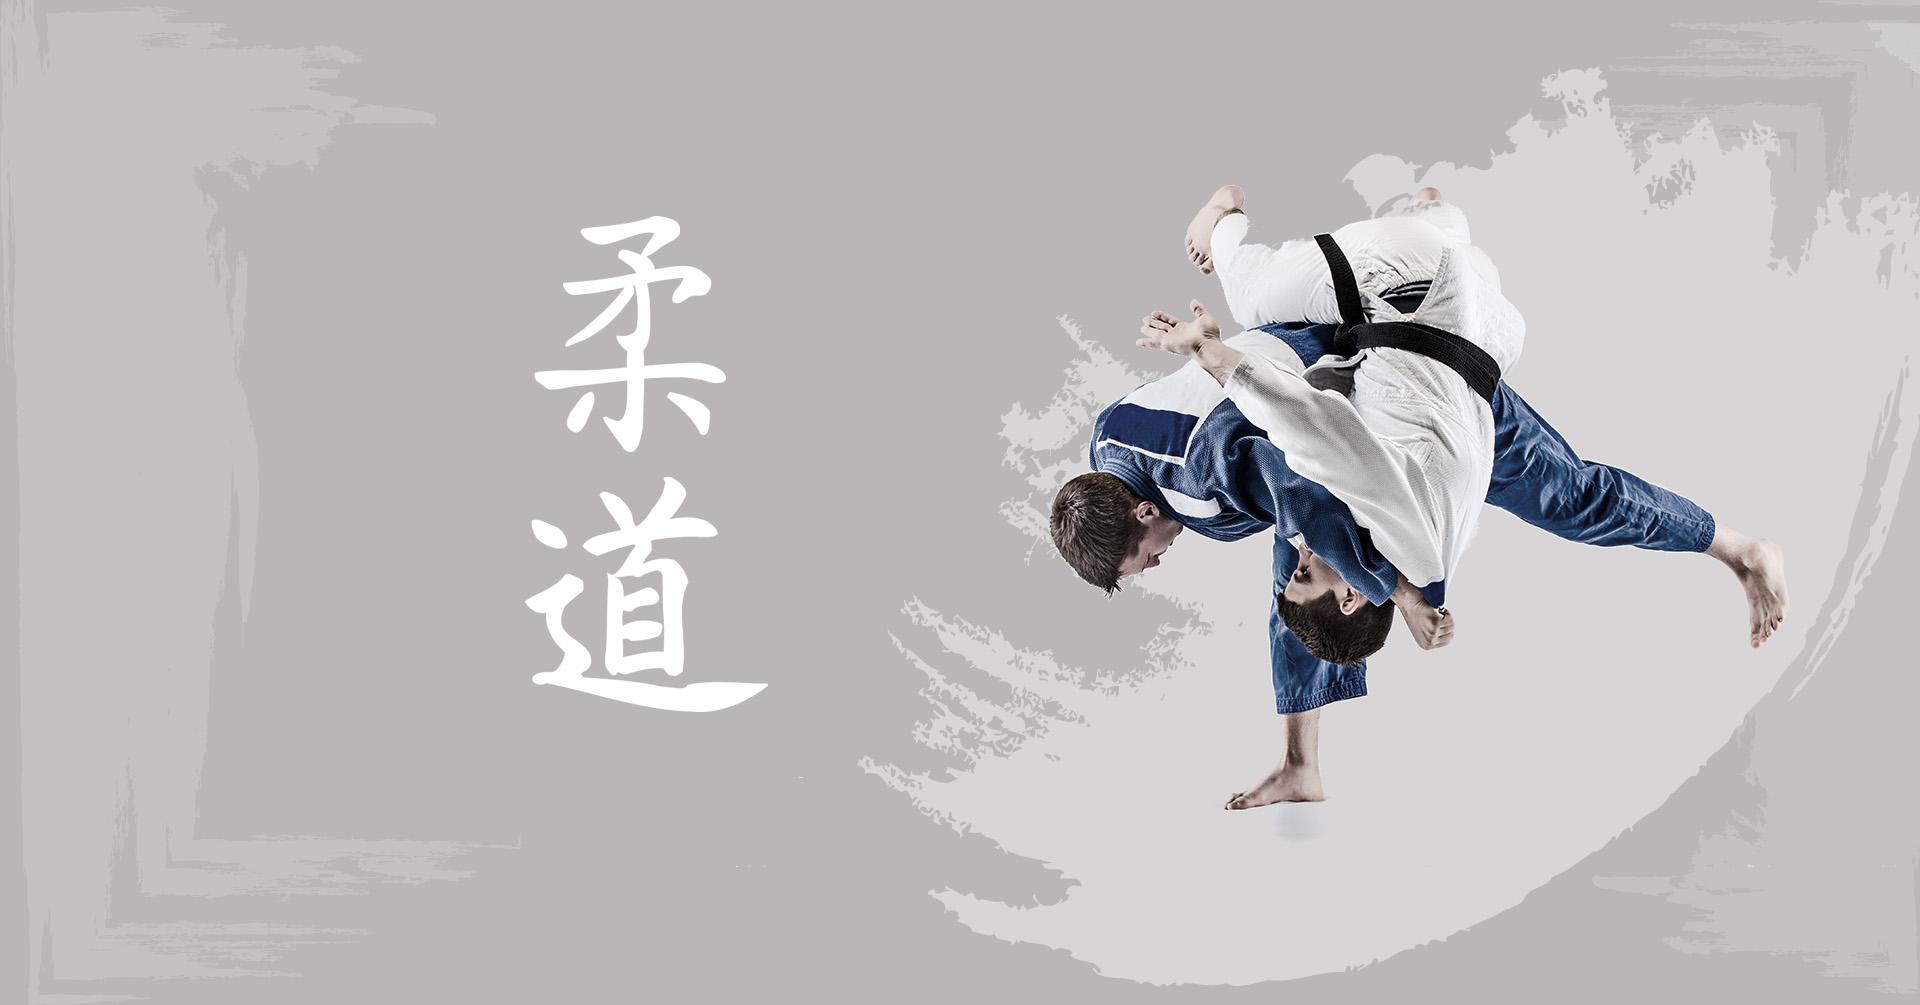 Shin-shin-jizai